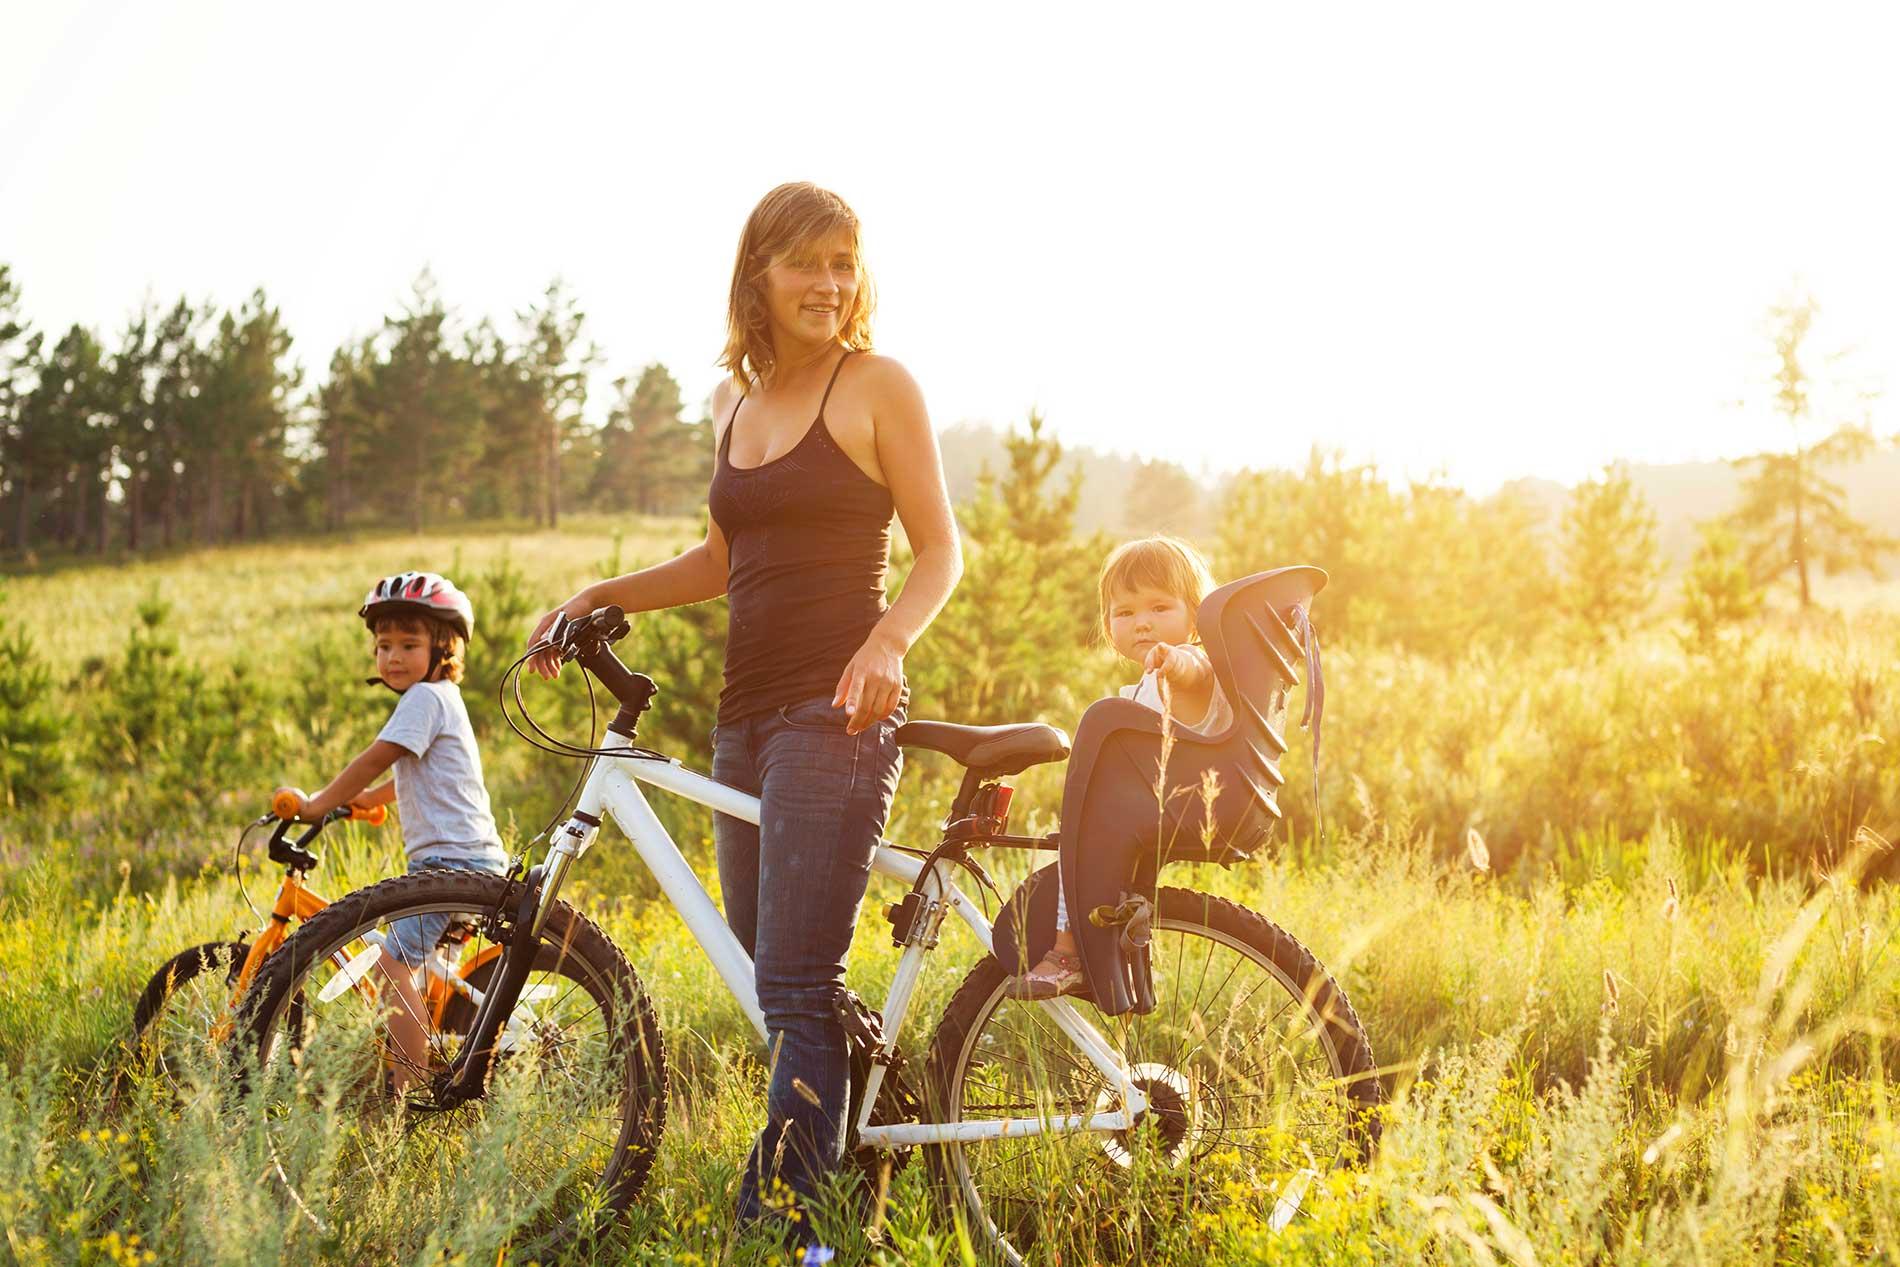 משפחה על אופניים בגליל ים